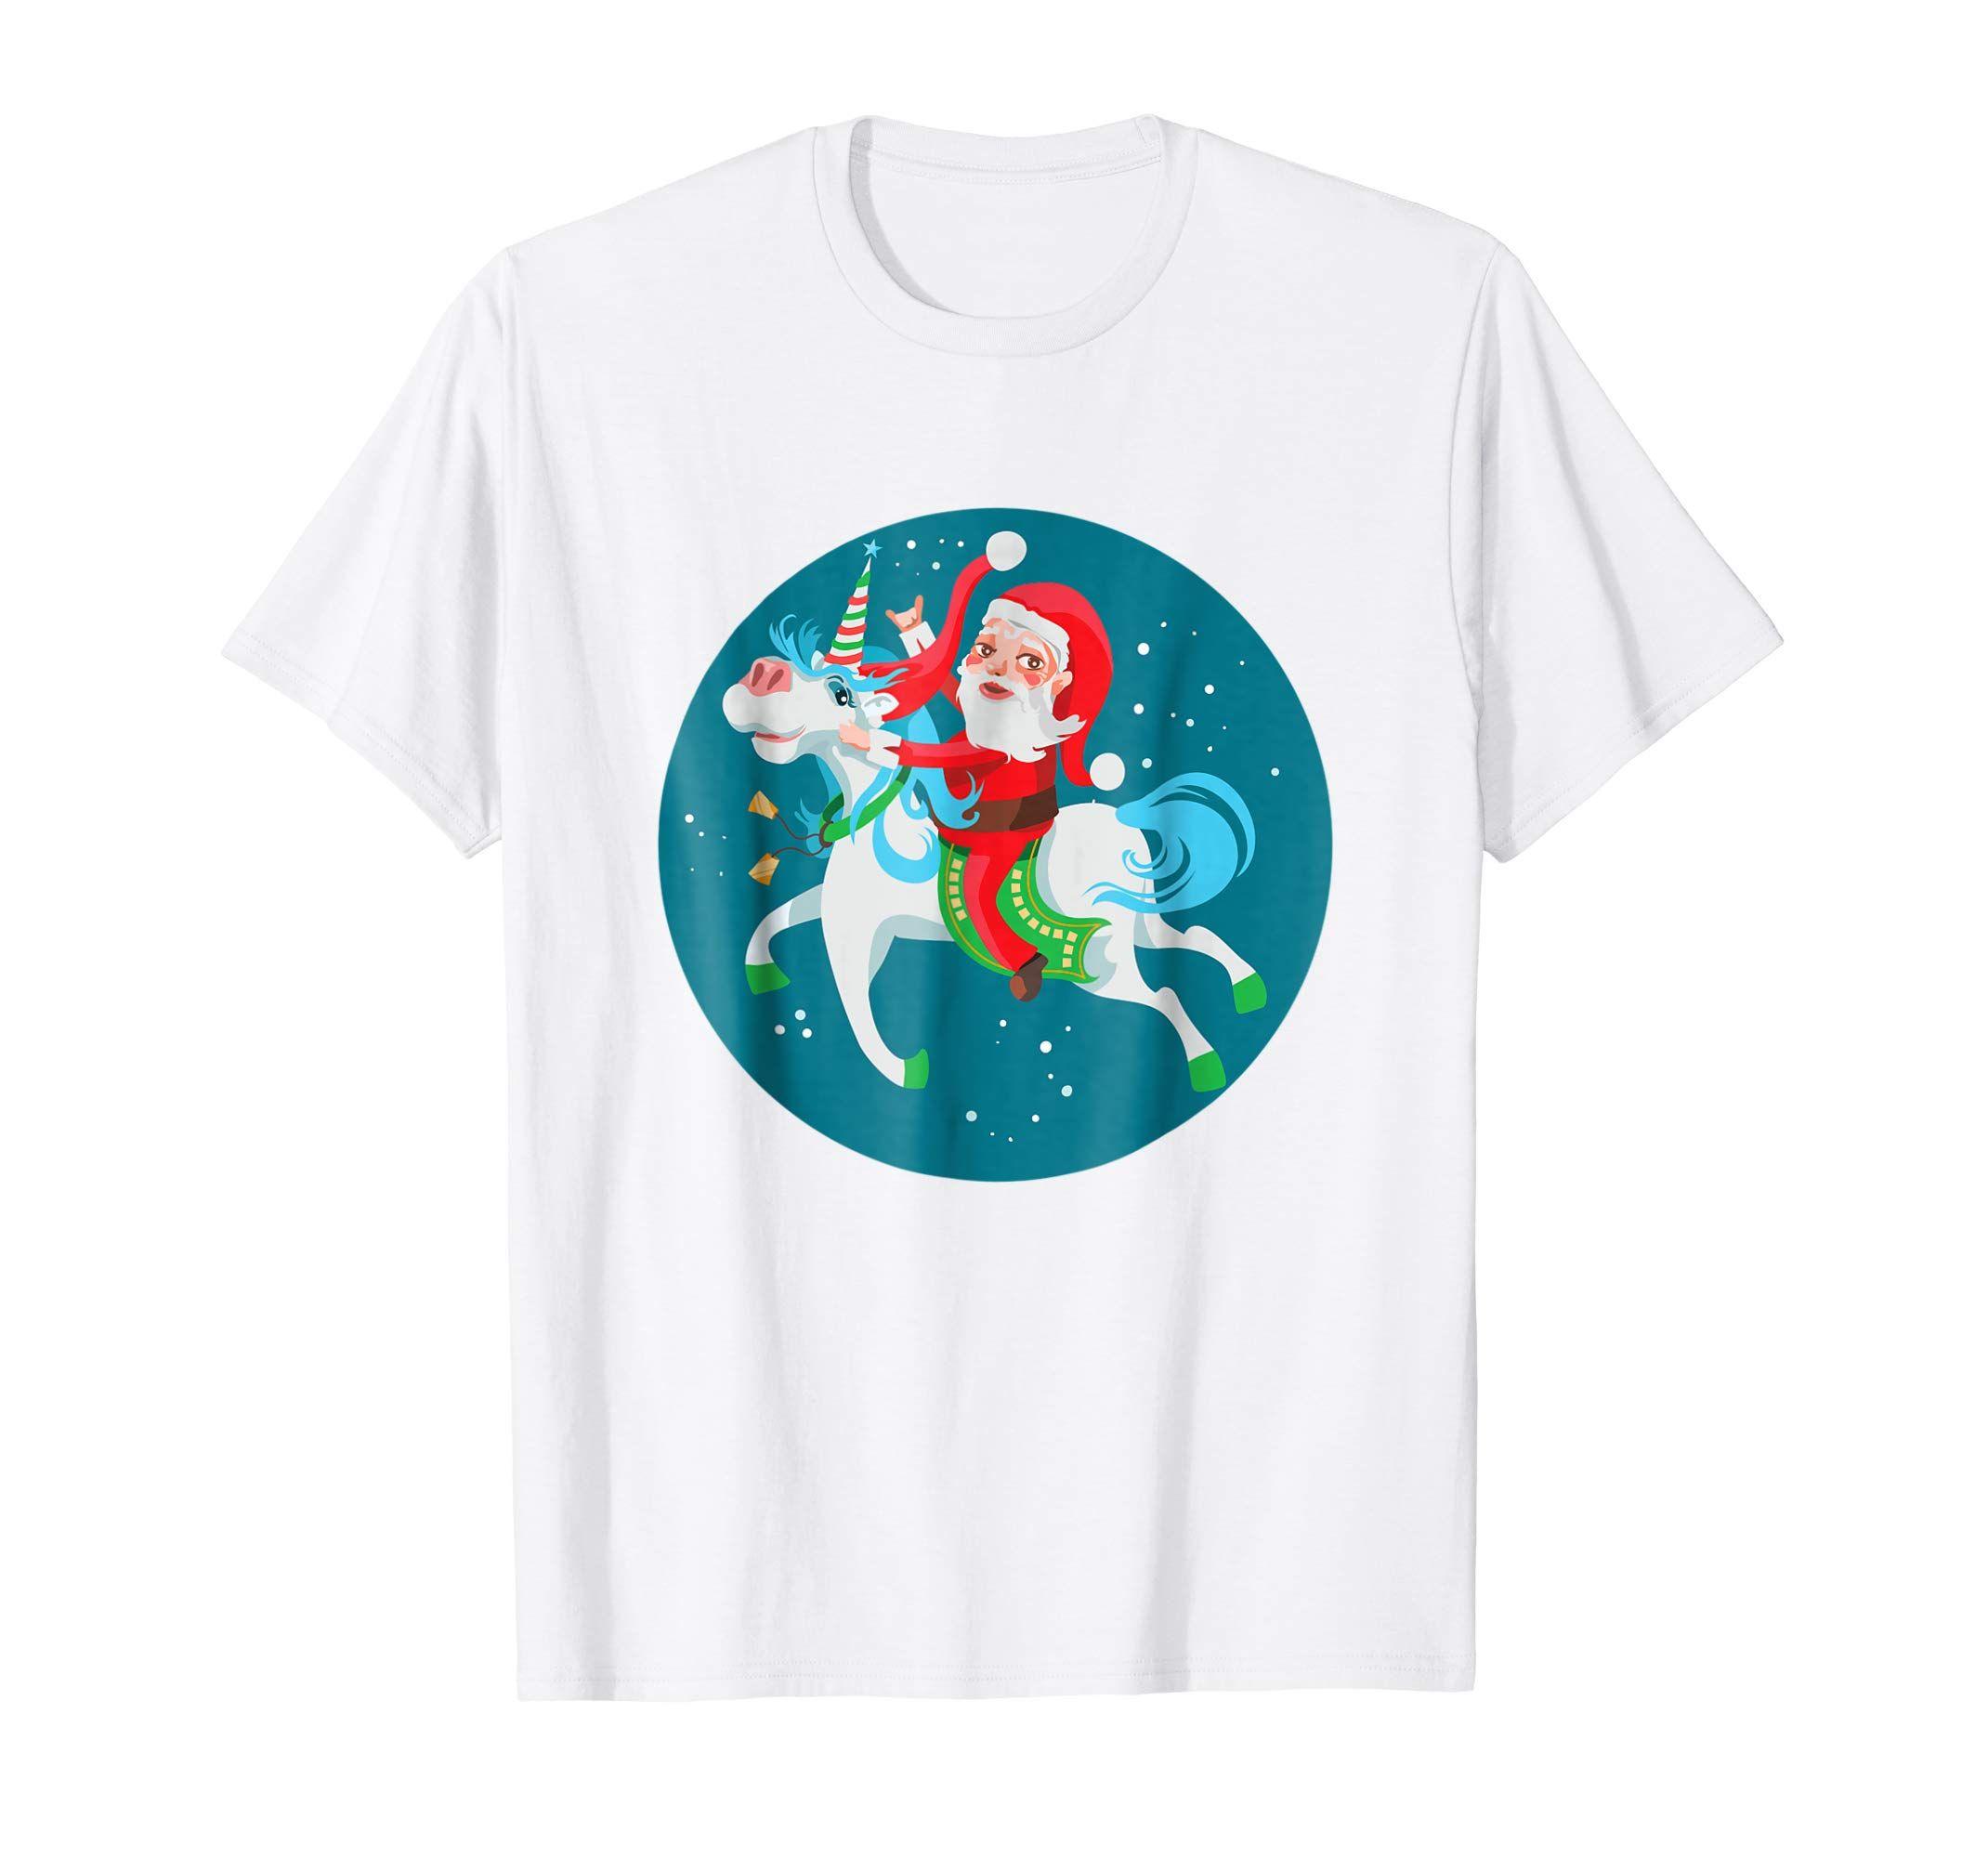 Kids Christmas t shirt boys girls tshirt xmas santa claus riding a unicorn